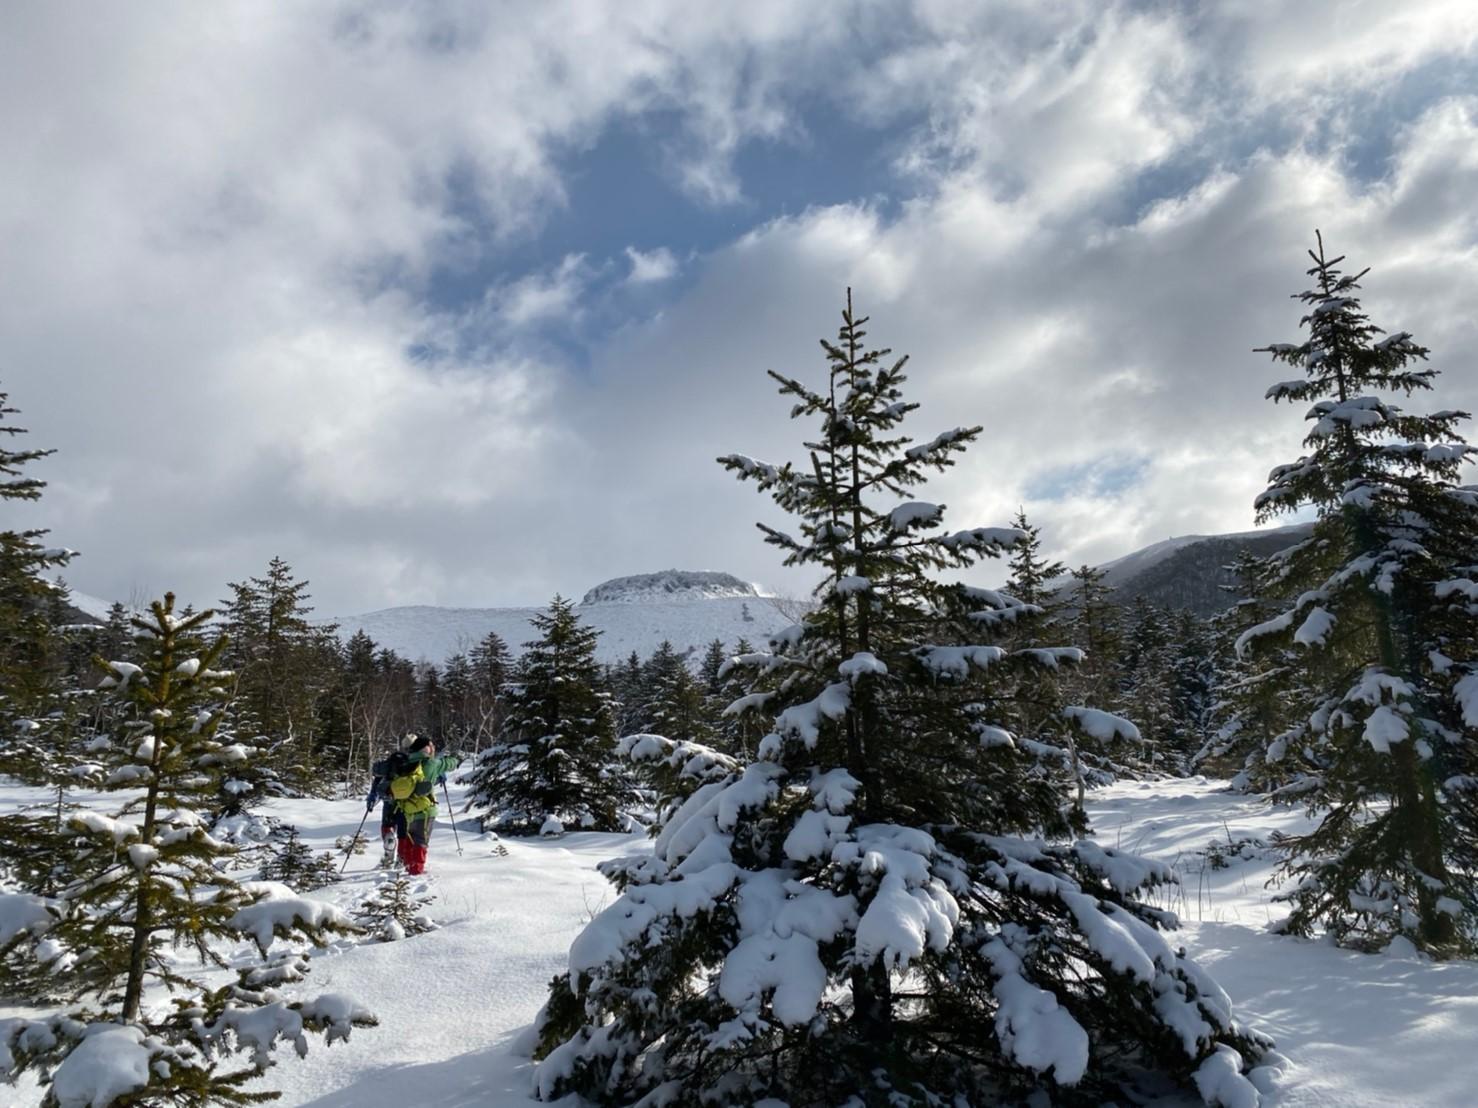 樽前山(北山)と苔の洞門、2019.12.15ー同行者からの写真ー_f0138096_23450495.jpg